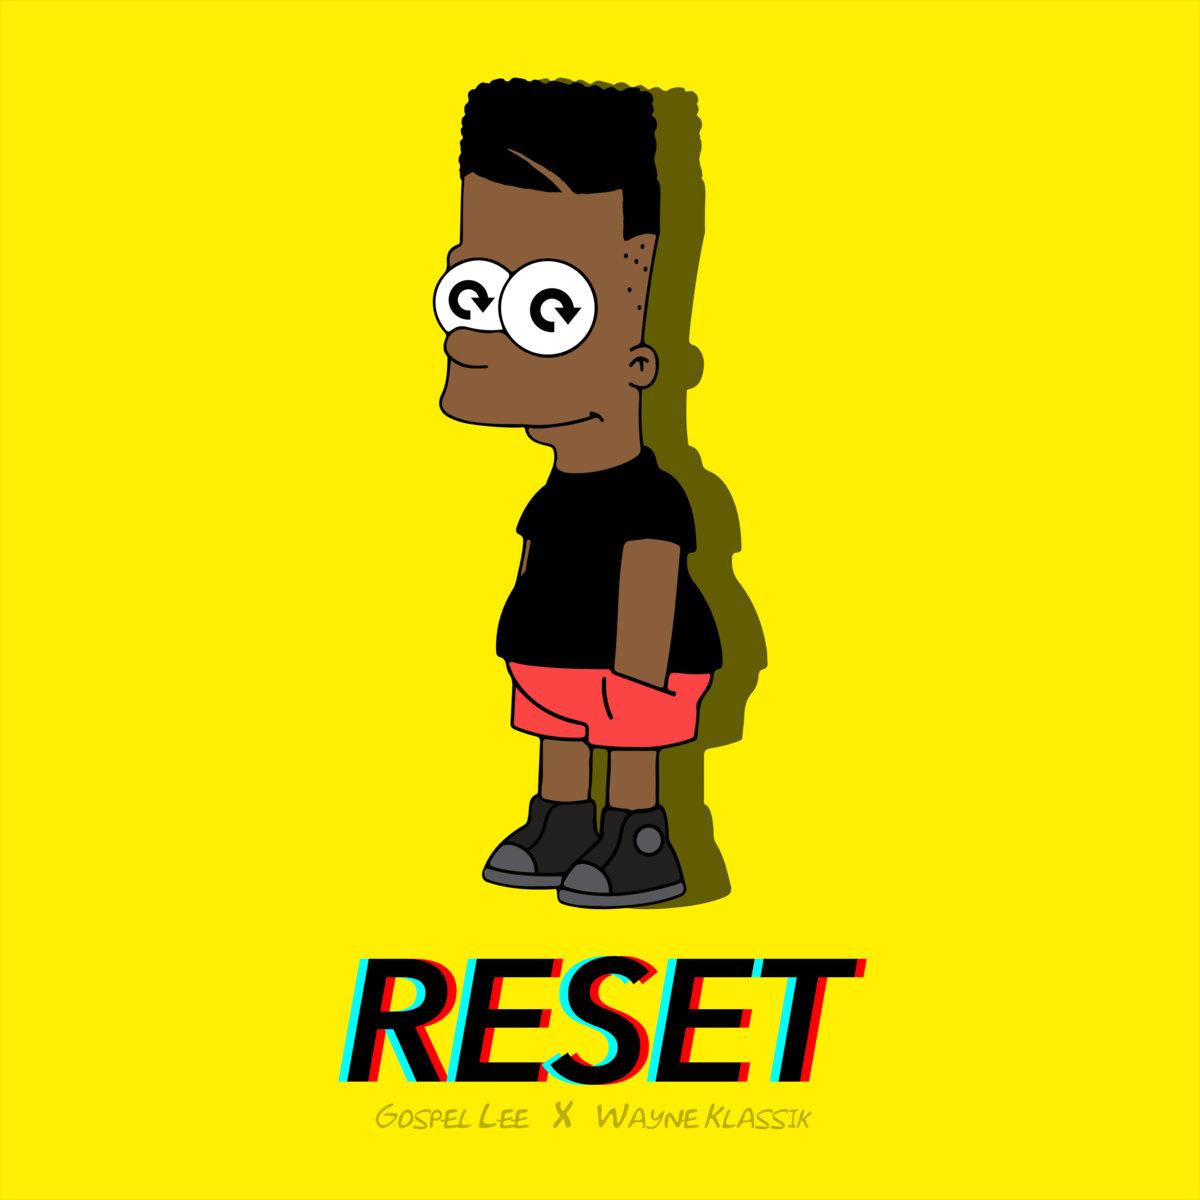 RESET (Prod. By Wayne Klassik) by gospel lee